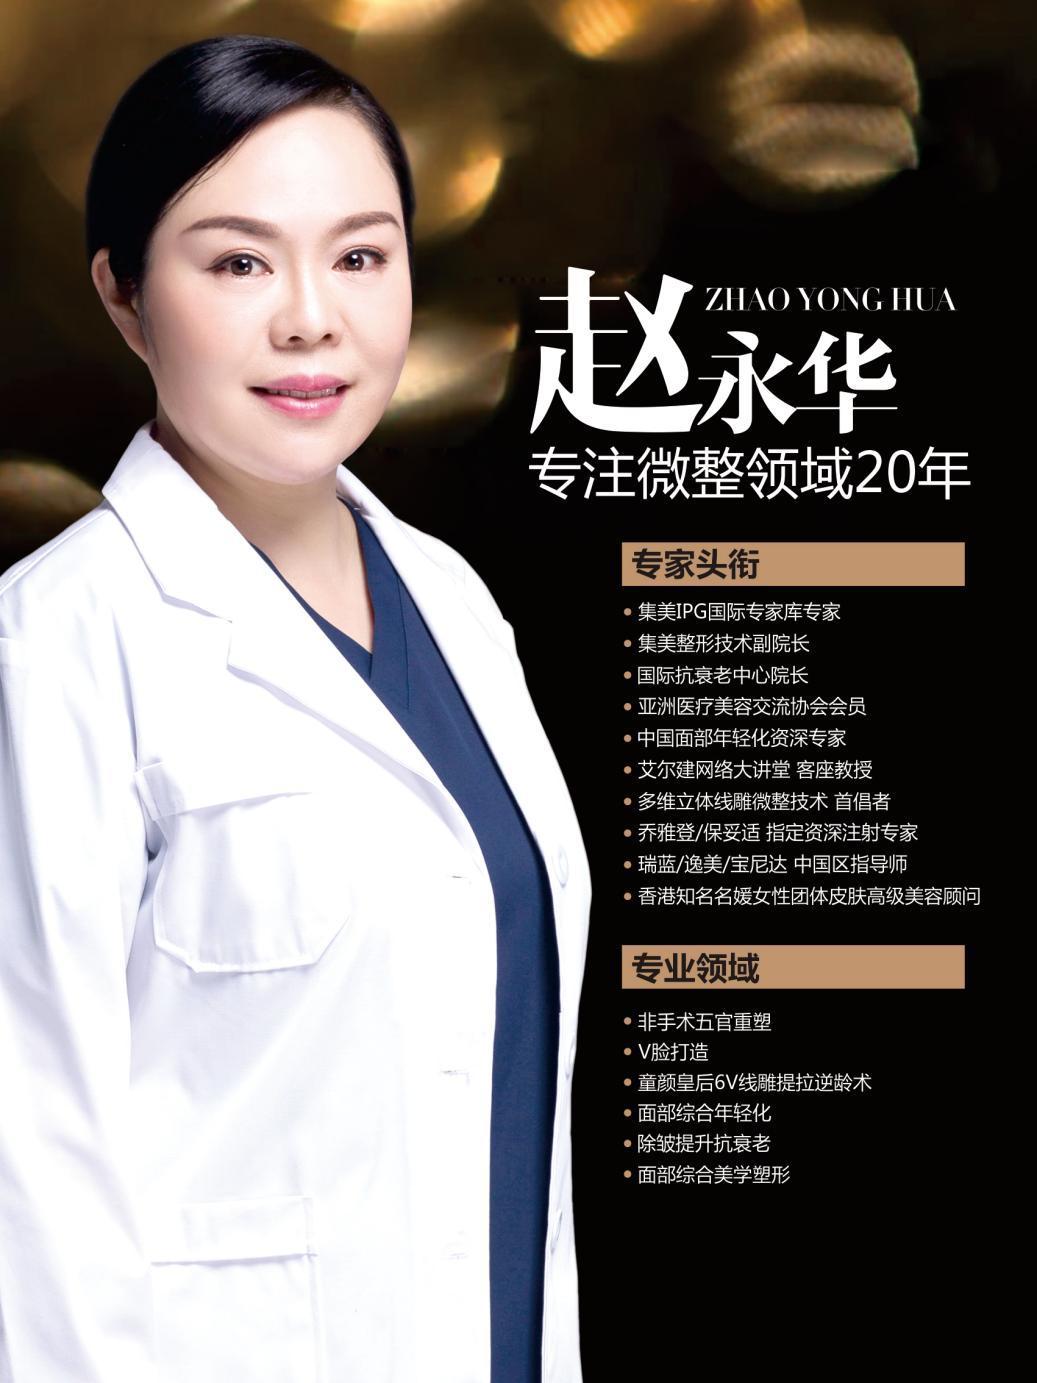 郑州集美整形医院赵永华院长技术如何 二十余年深耕微整